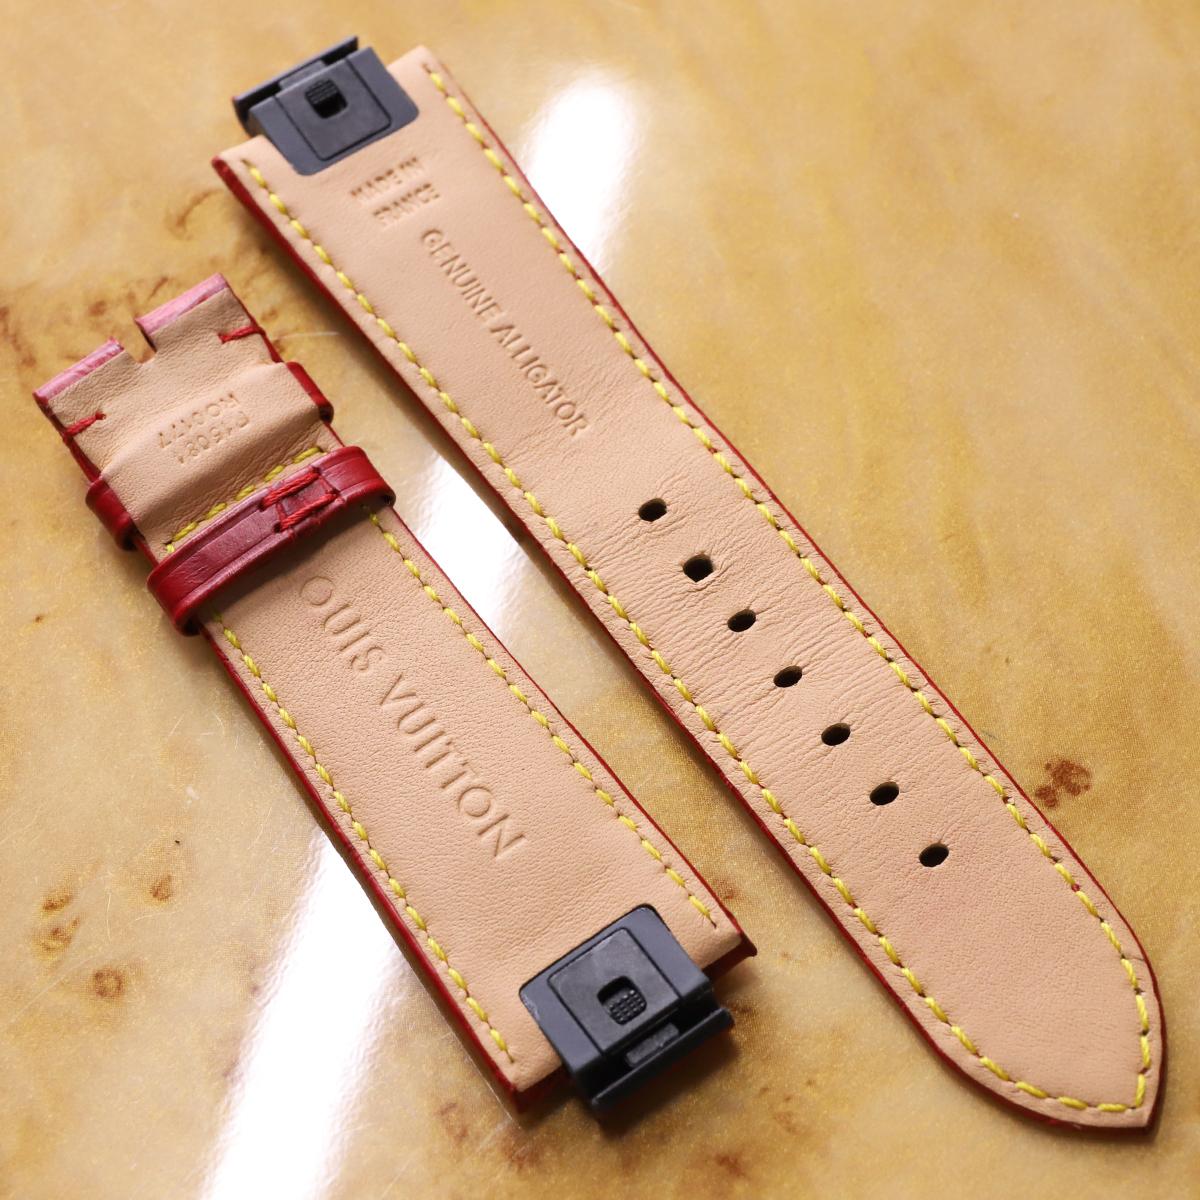 本物 ルイヴィトン 新型ワンタッチ リムーバブル メンズ タンブール対応 21mm幅 マットクロコダイルレザー ウォッチベルト 腕時計バンド_画像2